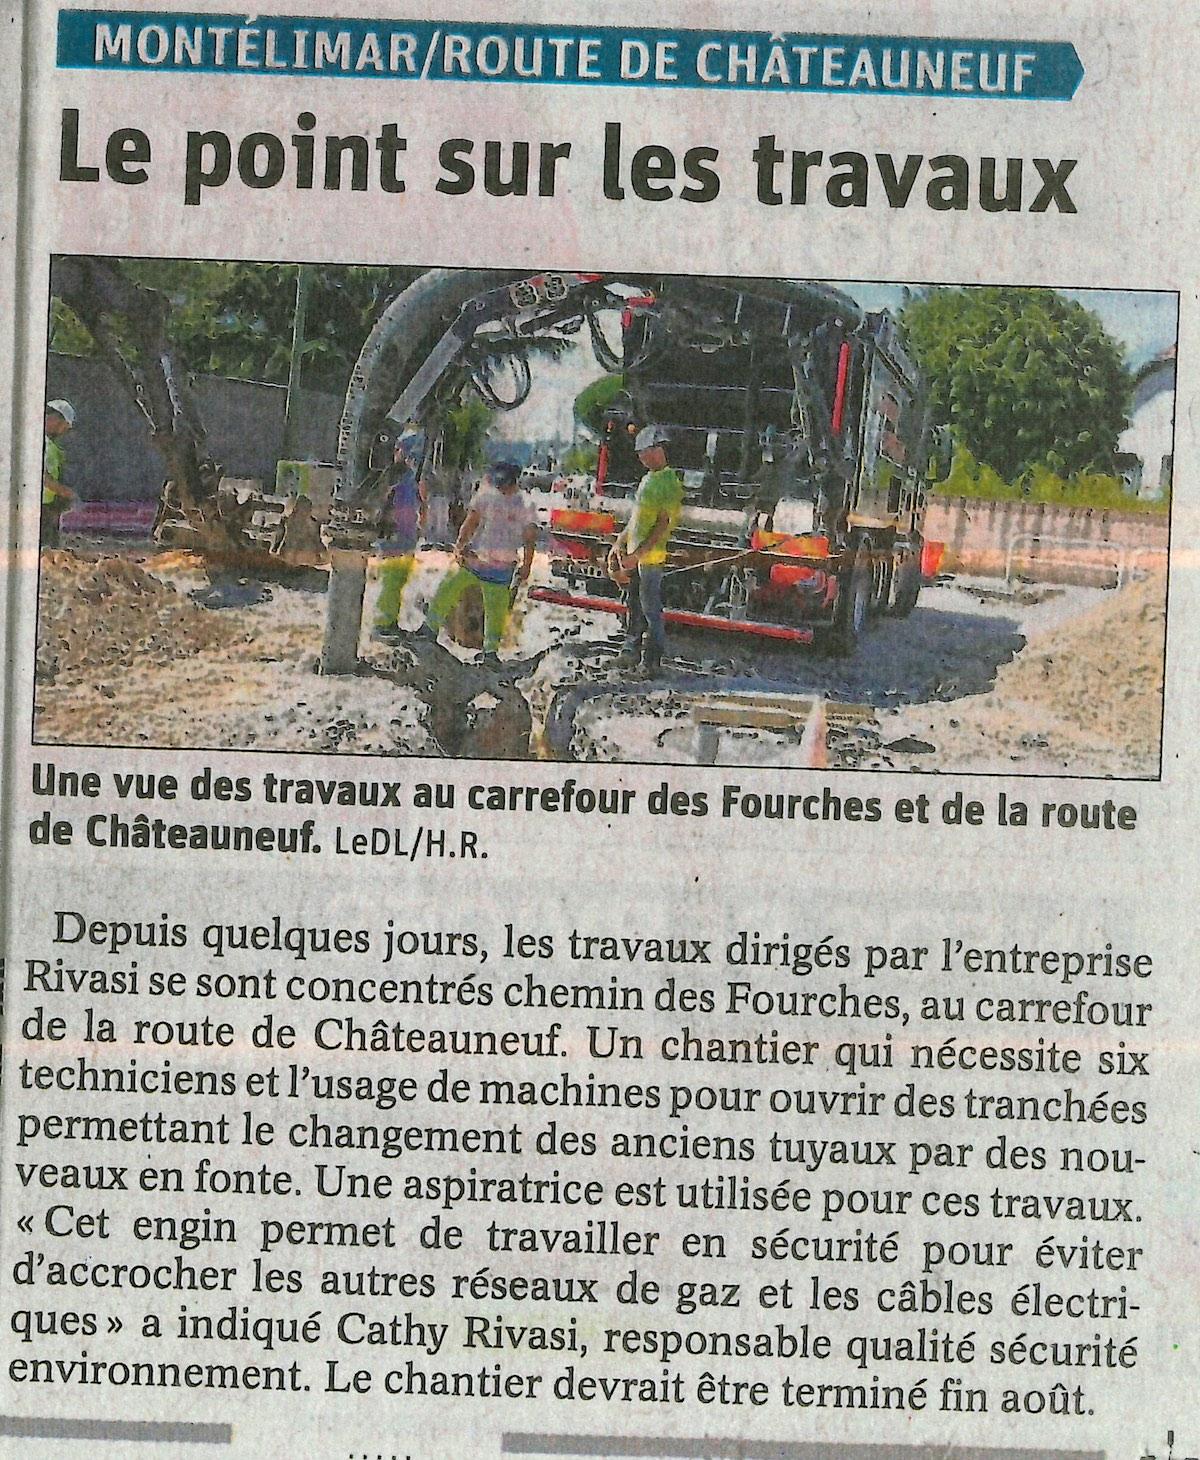 Route de Châteauneuf : Point sur les travaux